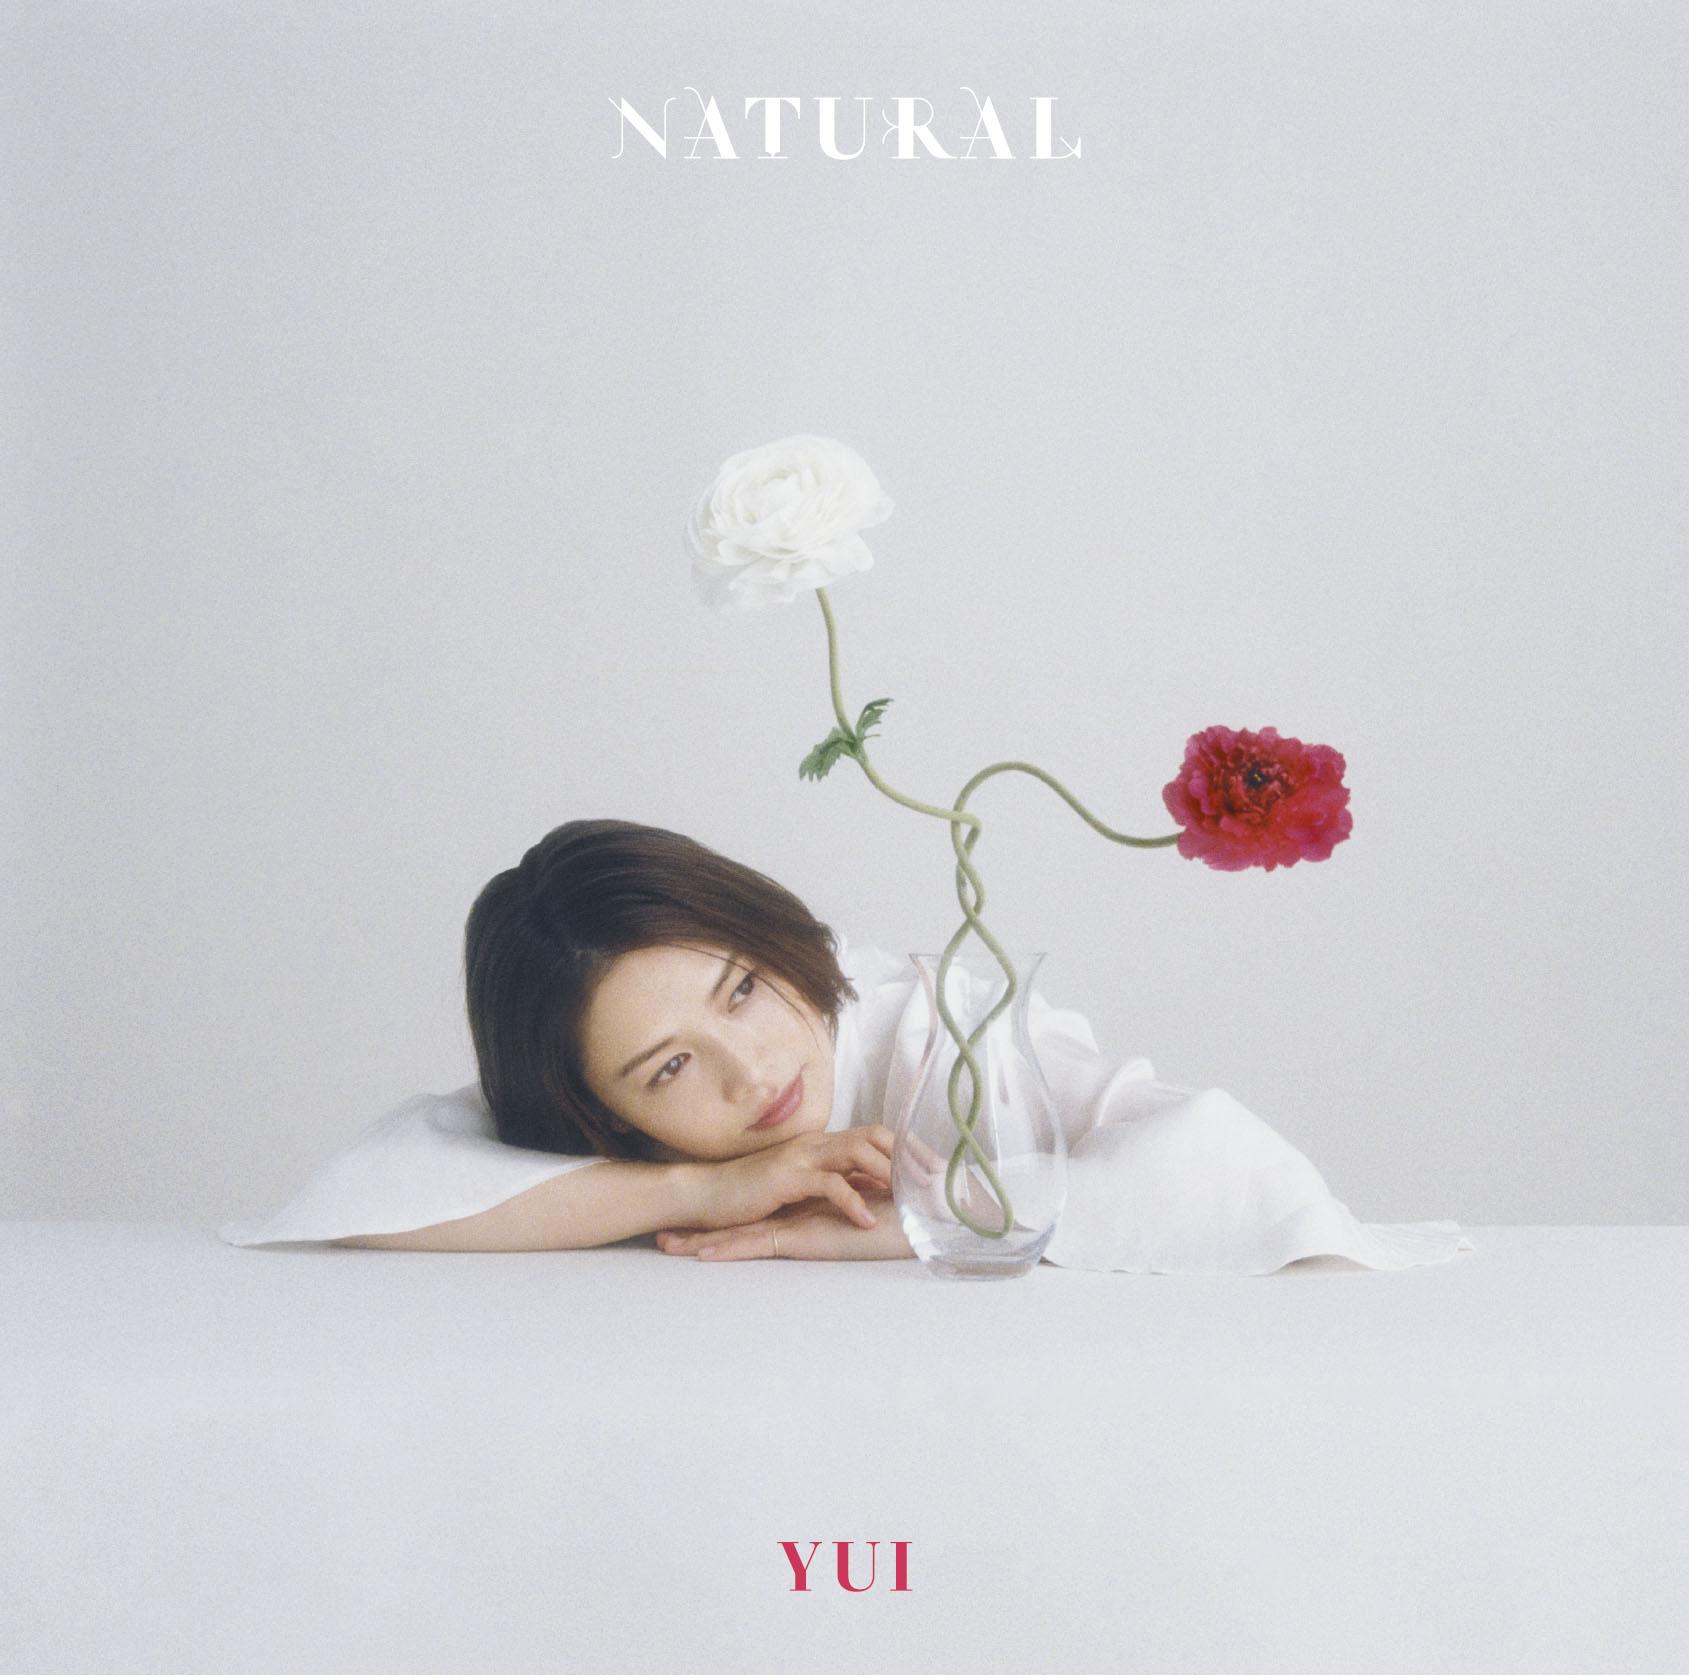 YUI - NATURAL [2021.02.24 +MP3+RAR]